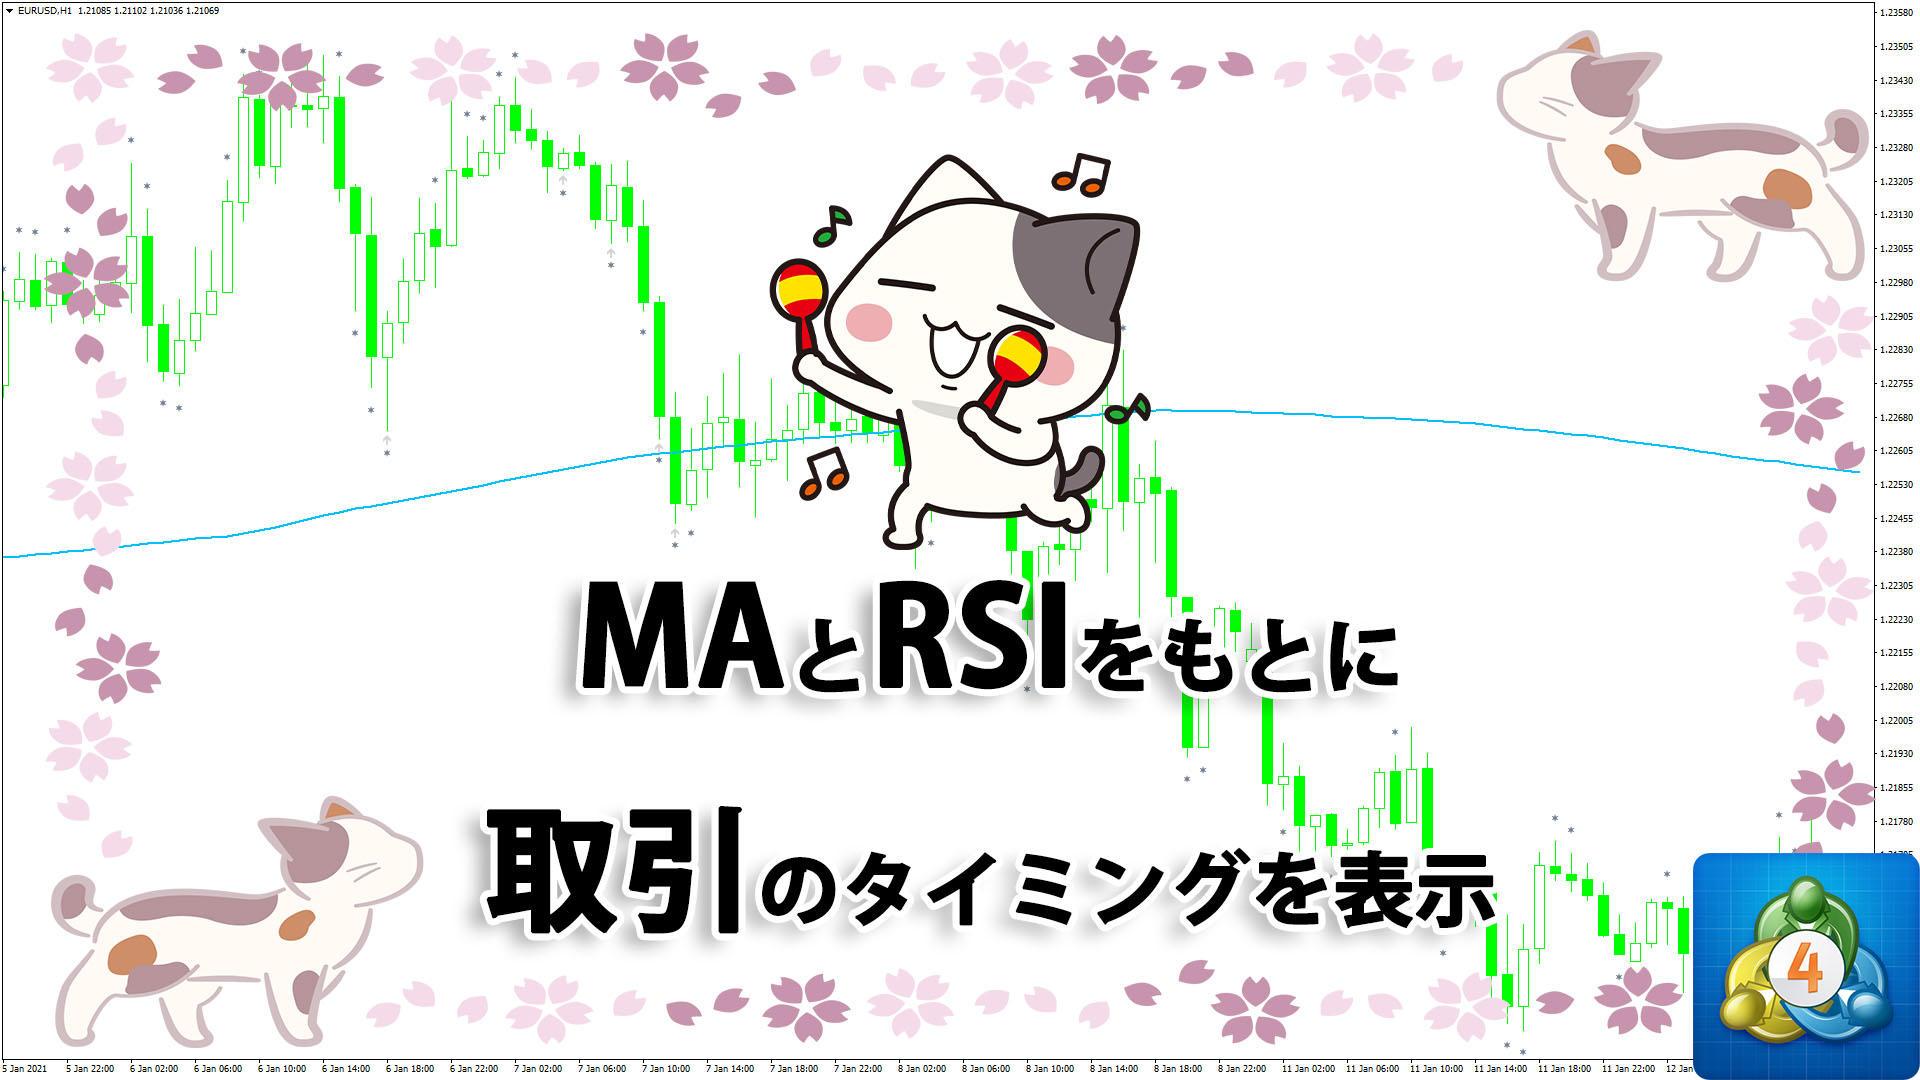 MAとRSIをもとに取引のタイミングを表示するMT4インジケーター「R2_Arrows_v4」